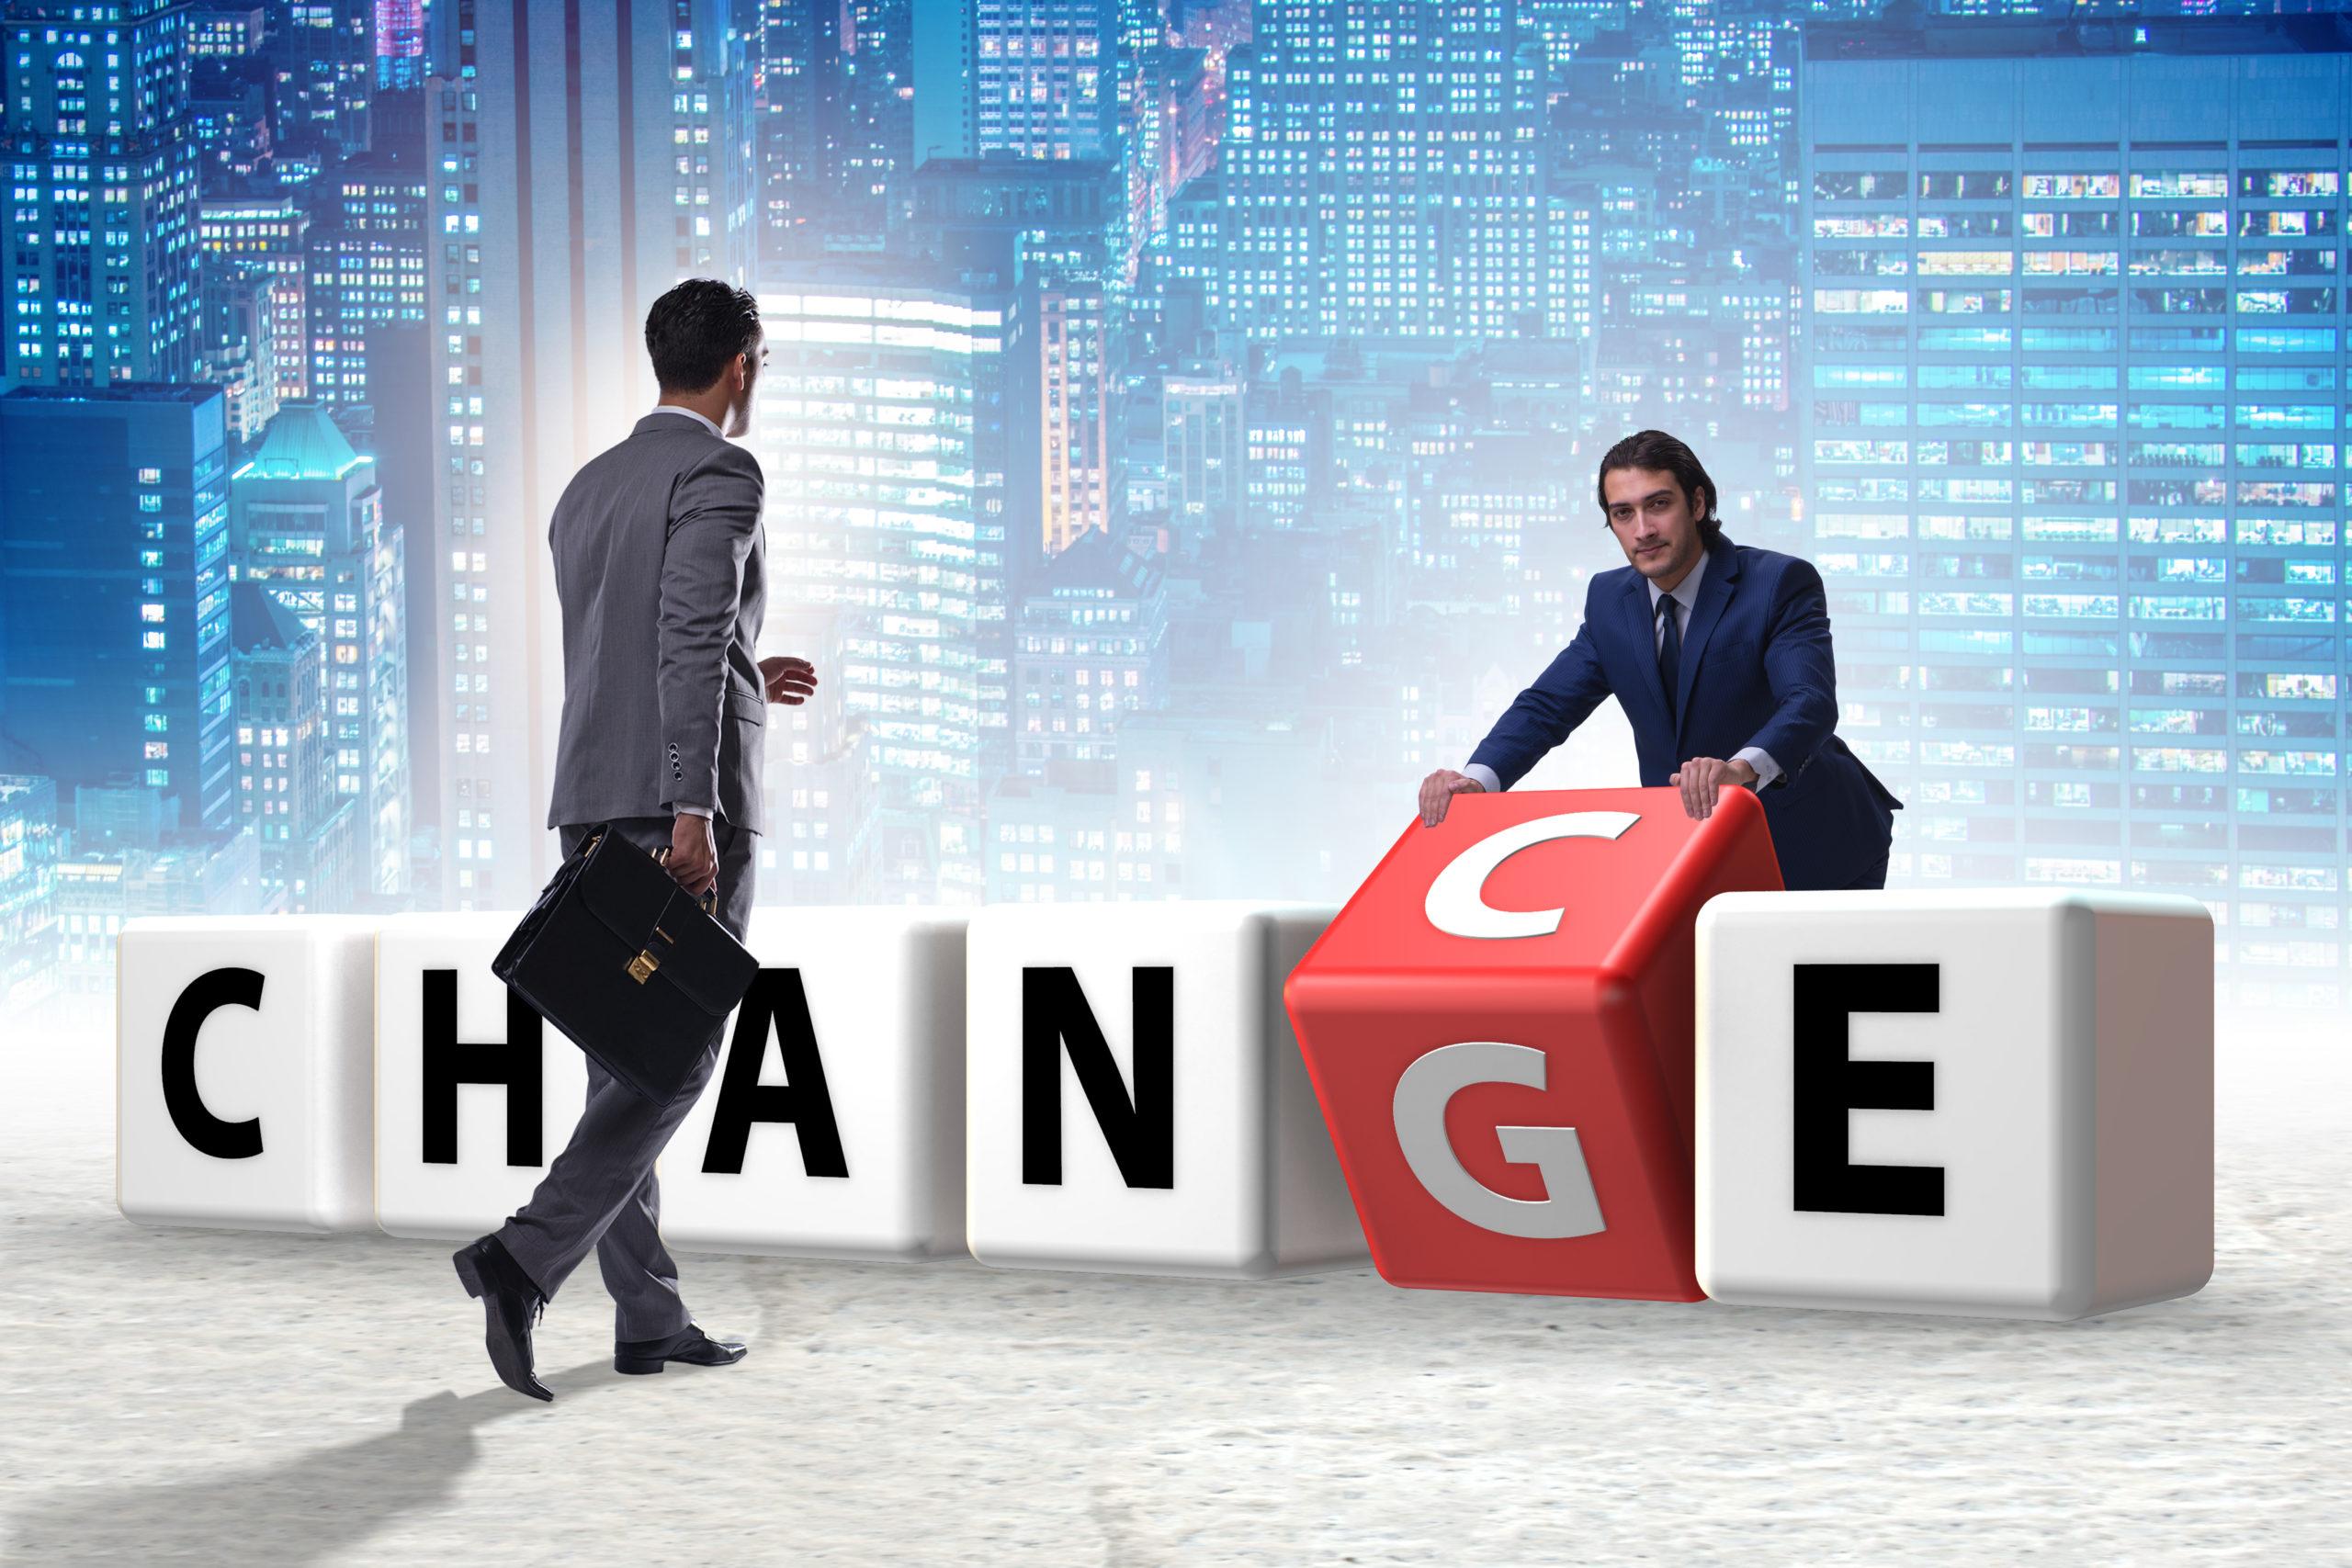 Avocats : Envisagez-vous une transition de carrière ?